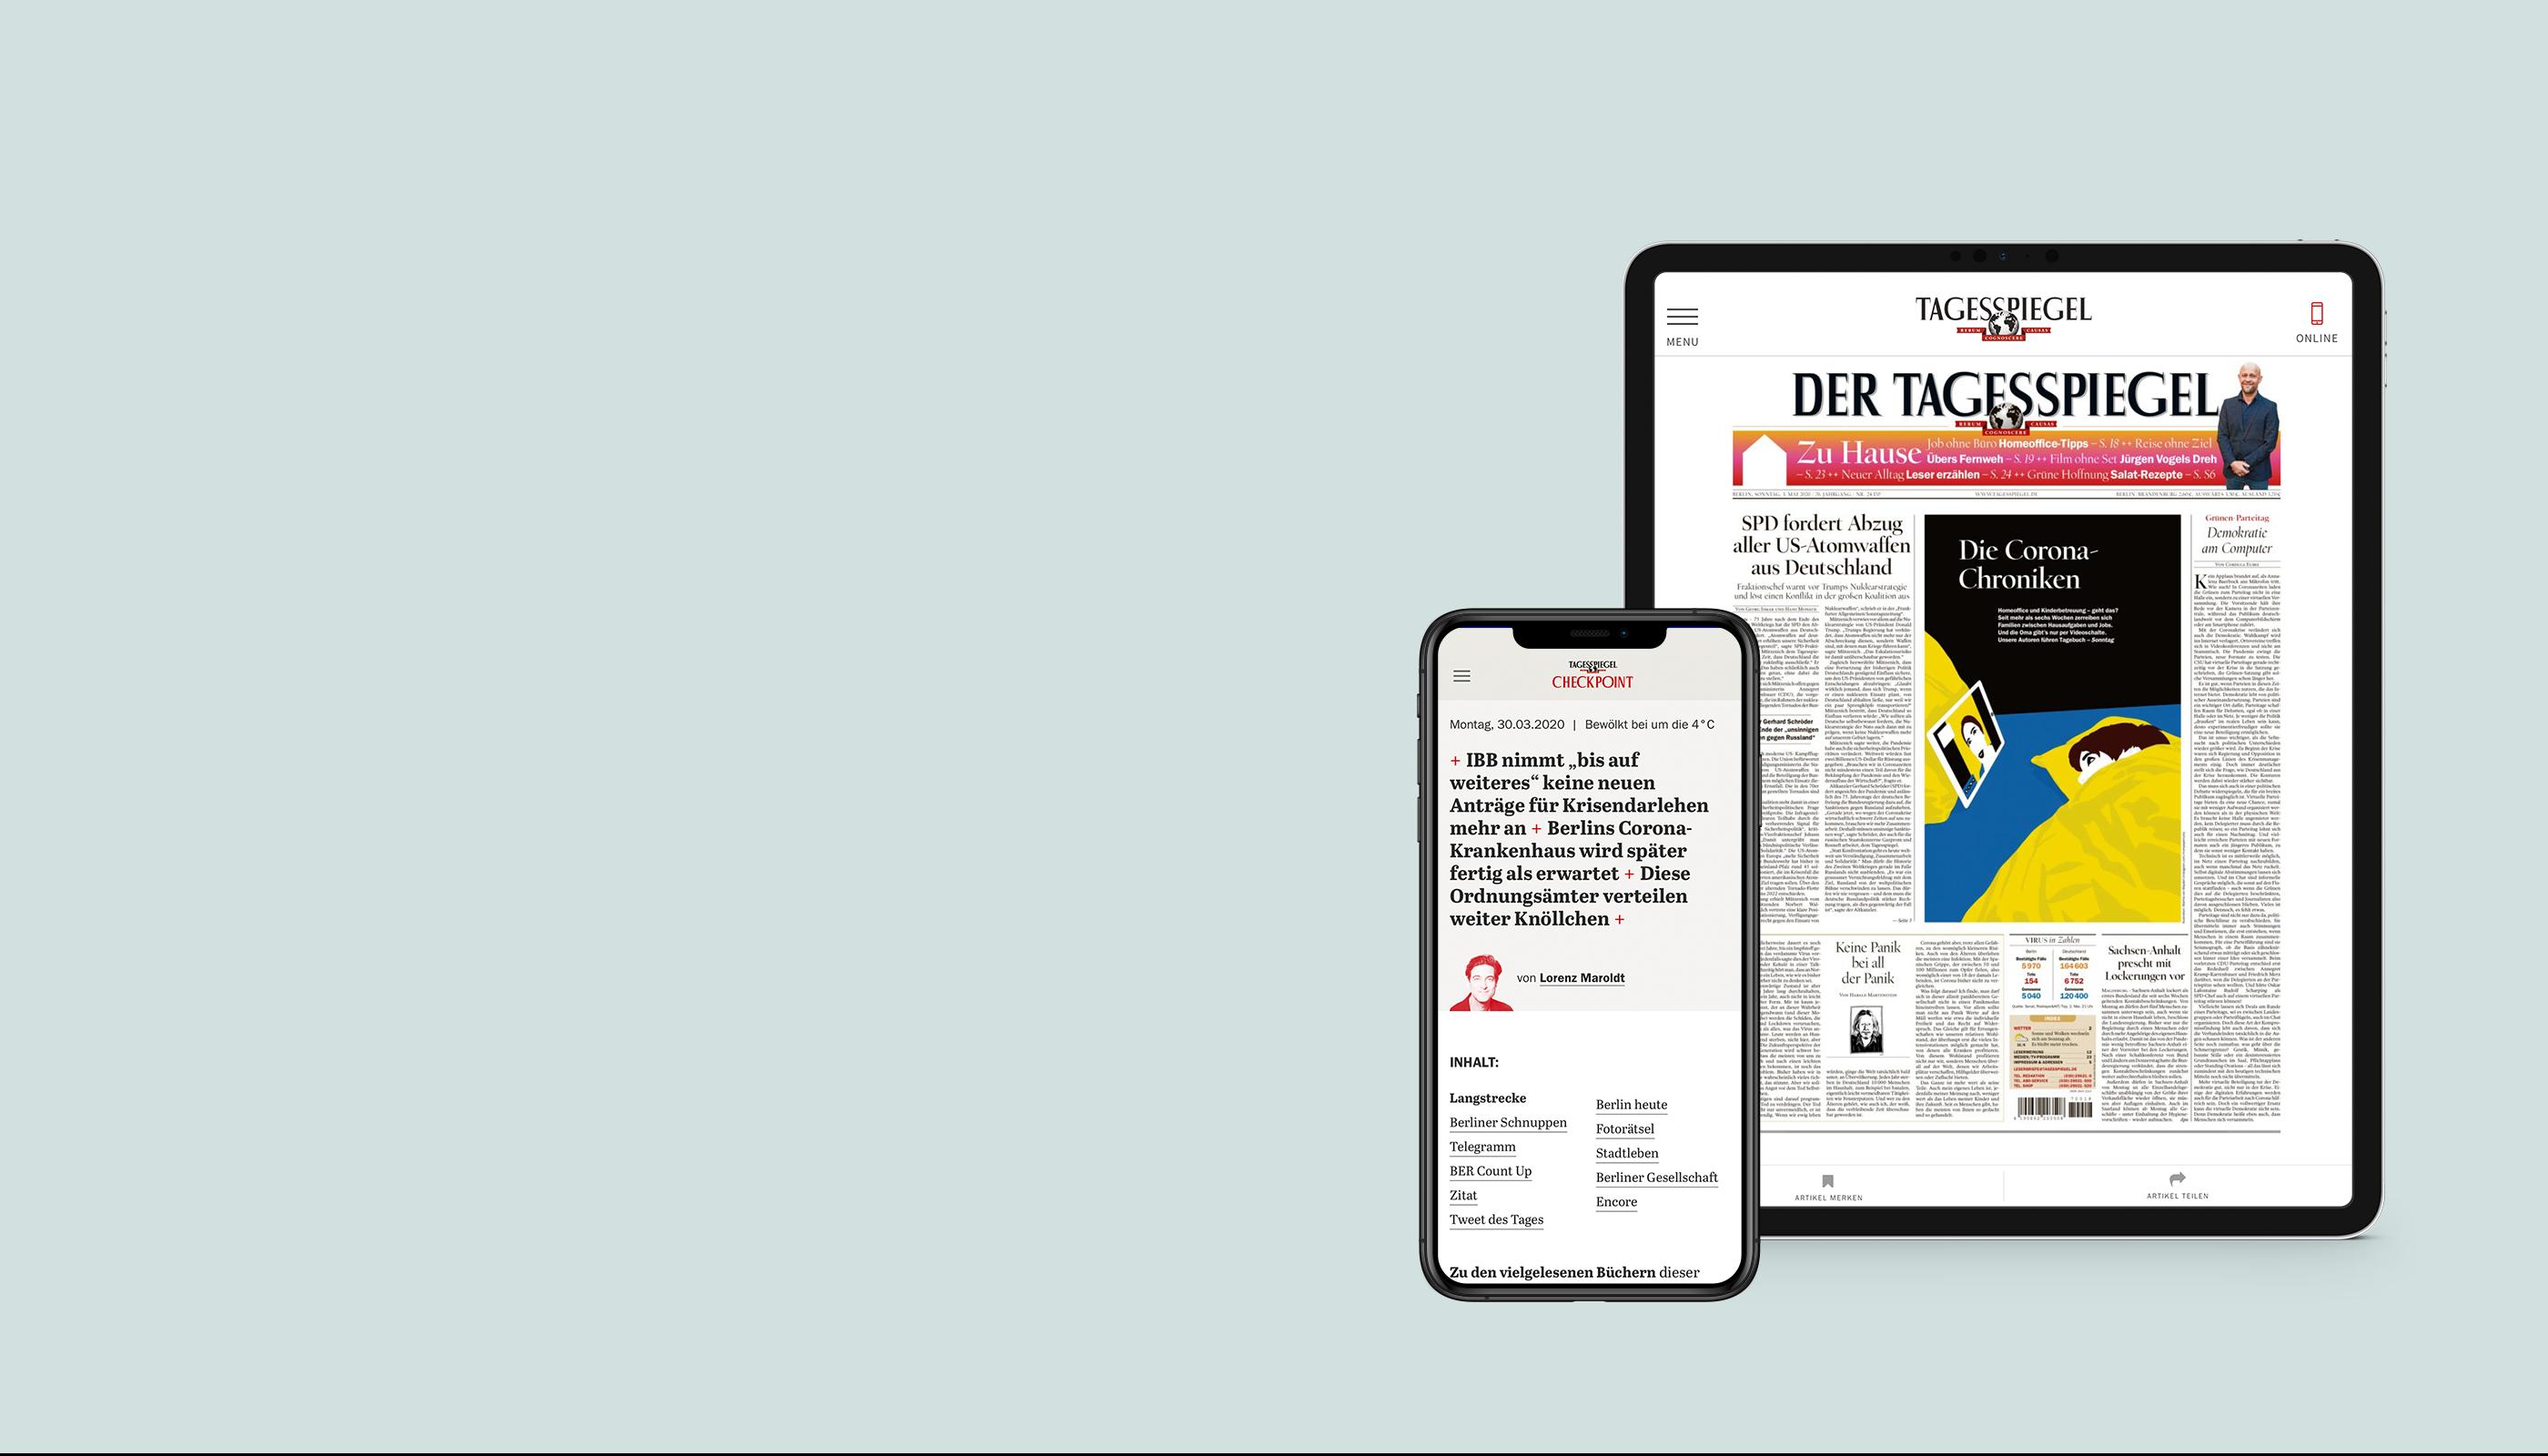 Tagesspiegel Digitale Zeitung für Studierende